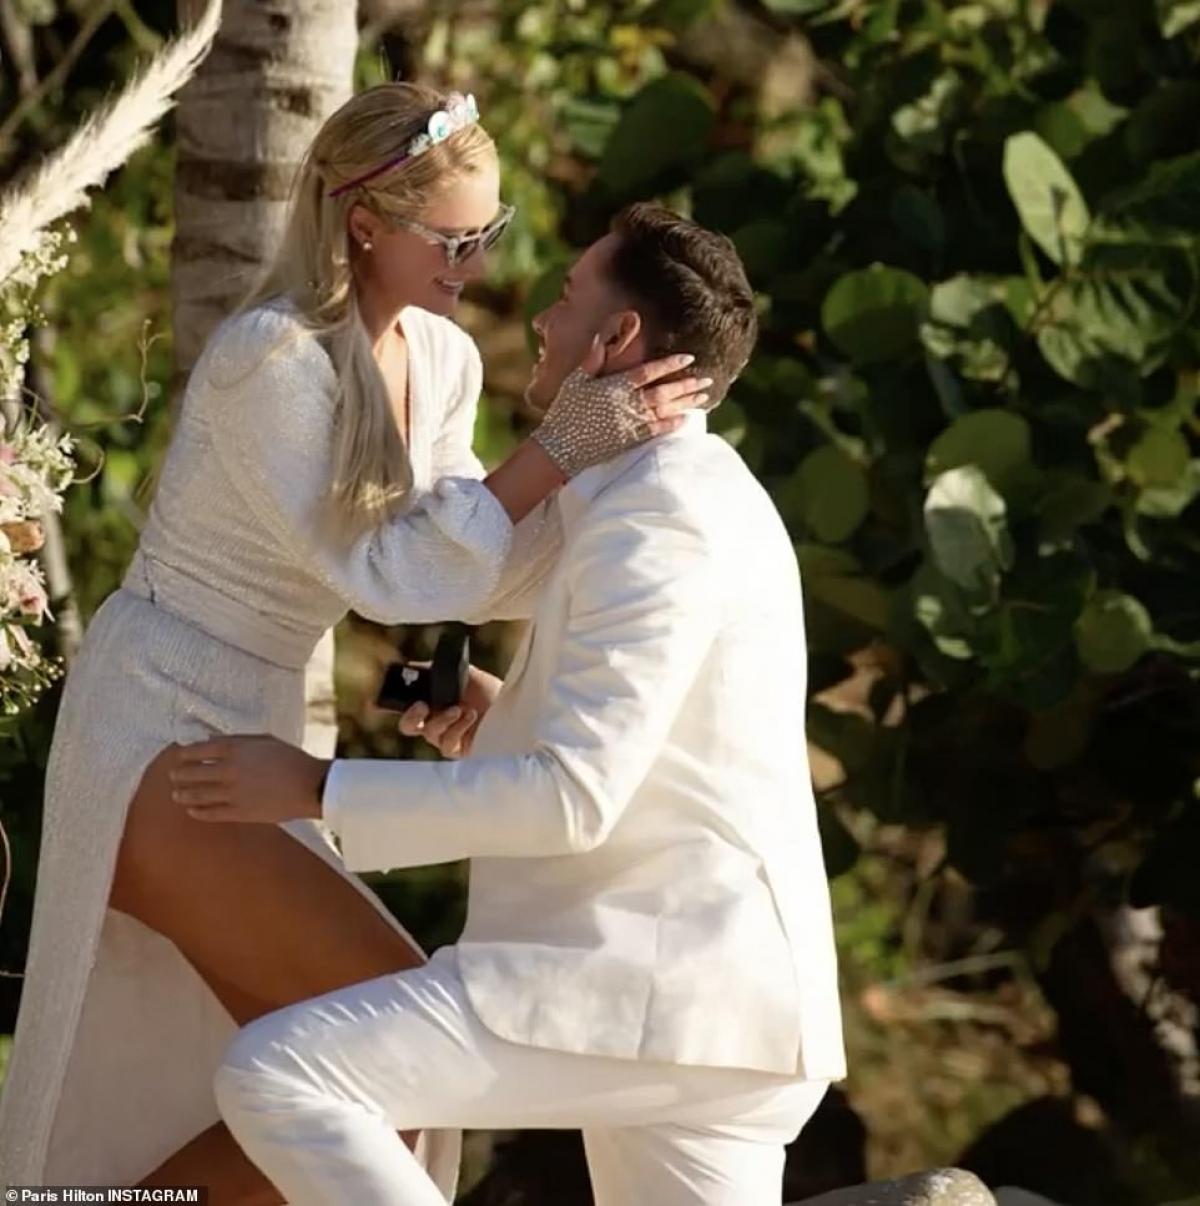 """Đồng thời, Paris Hilton cũng khẳng định, cô """"không thể chờ đợi"""" thêm nữa để bắt đầu cuộc sống gia đình với Carter Reum./."""